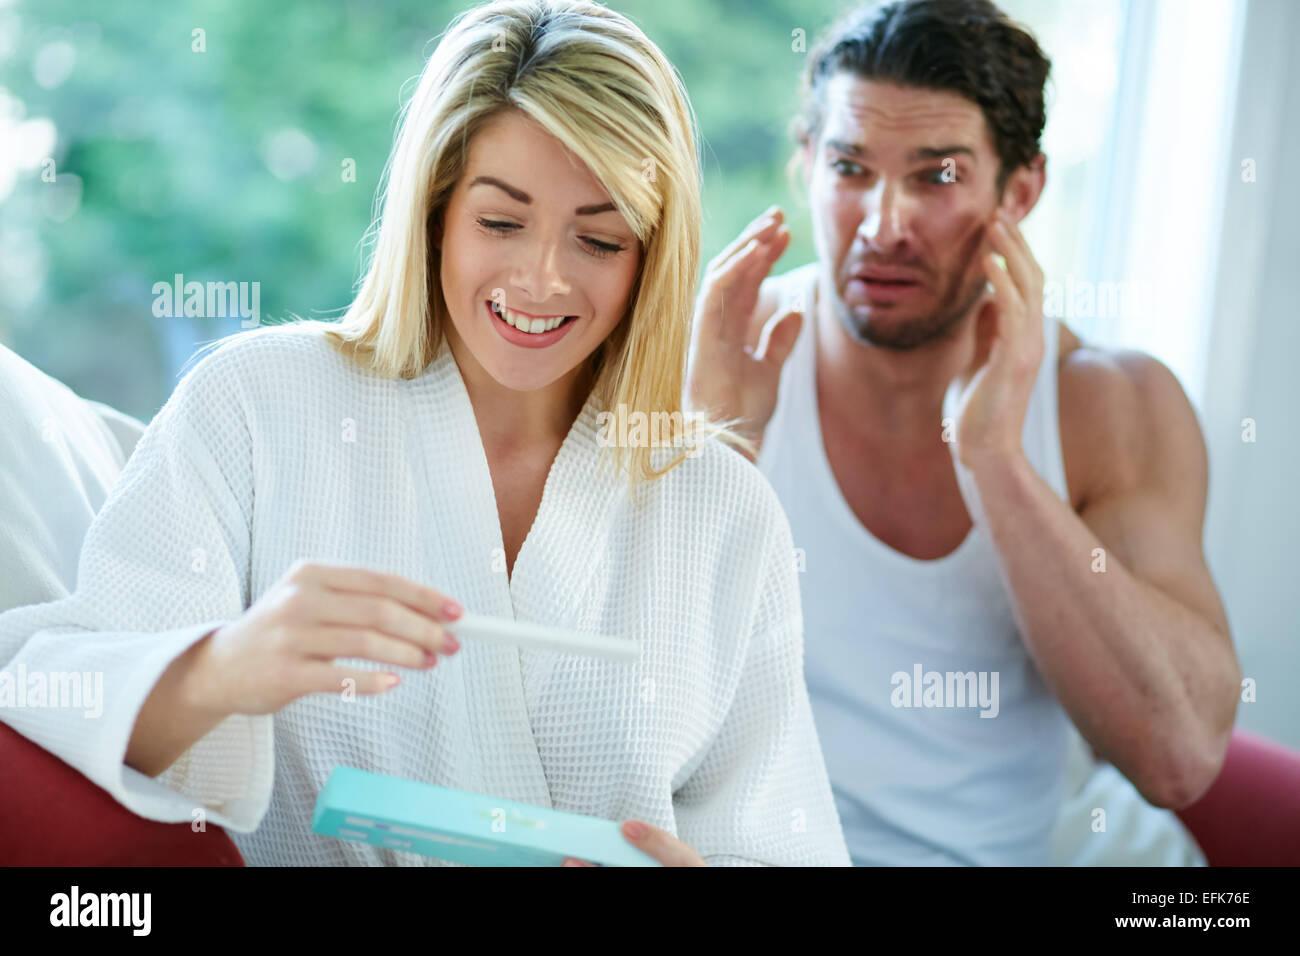 Glückliches Mädchen finden heraus, dass sie schwanger ist verärgert Mann im Hintergrund Stockbild